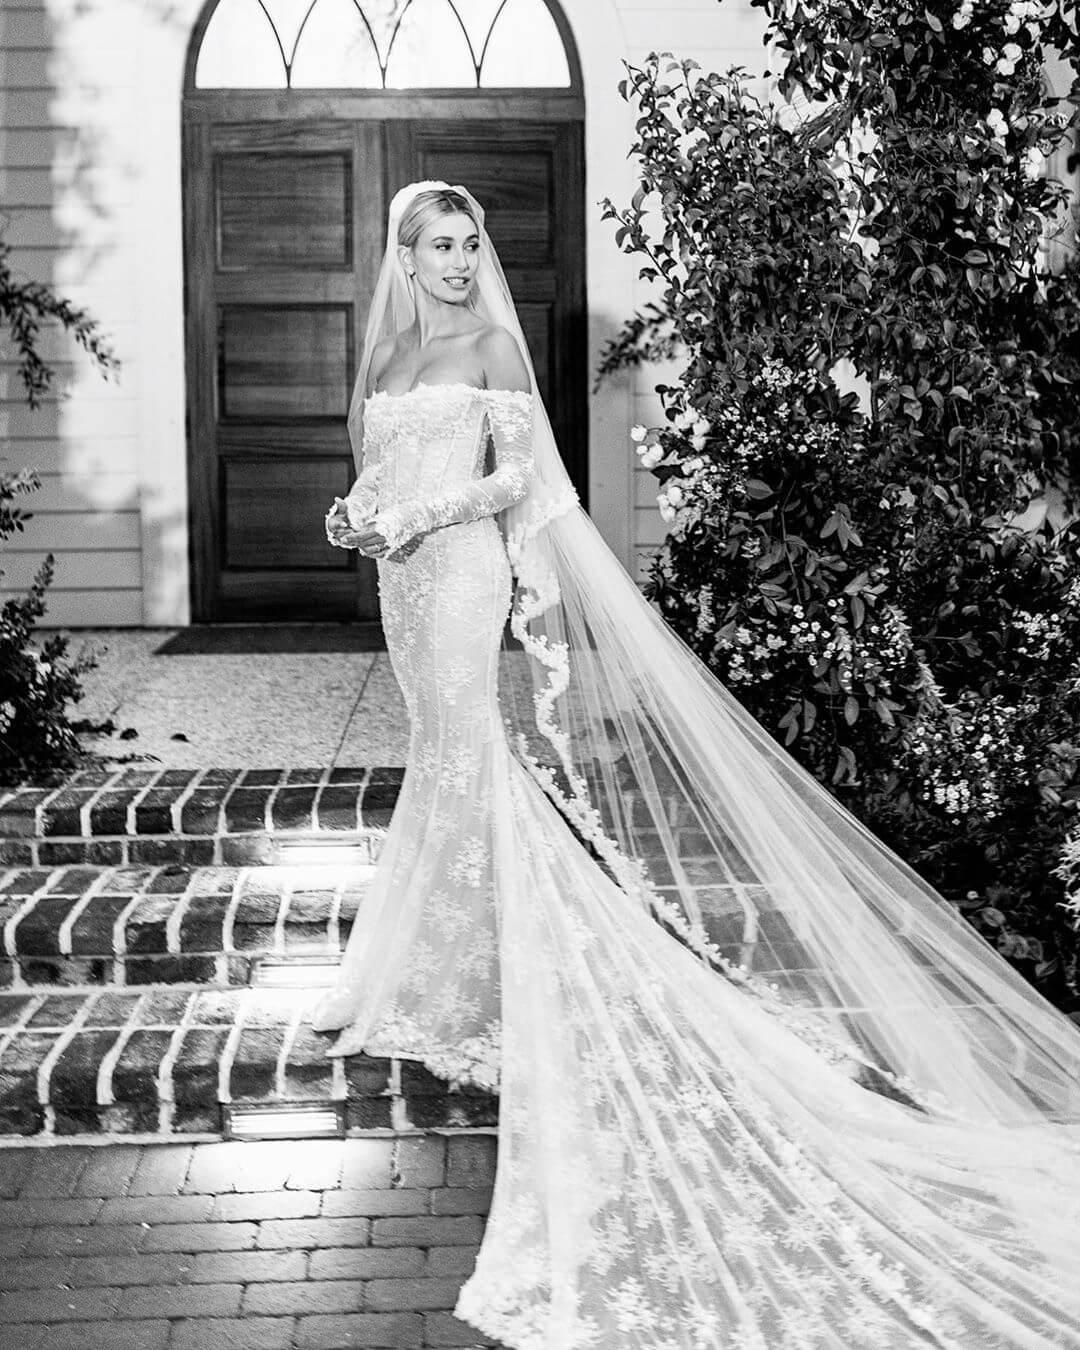 Hailey Bieber on her wedding day to Justin Bieber